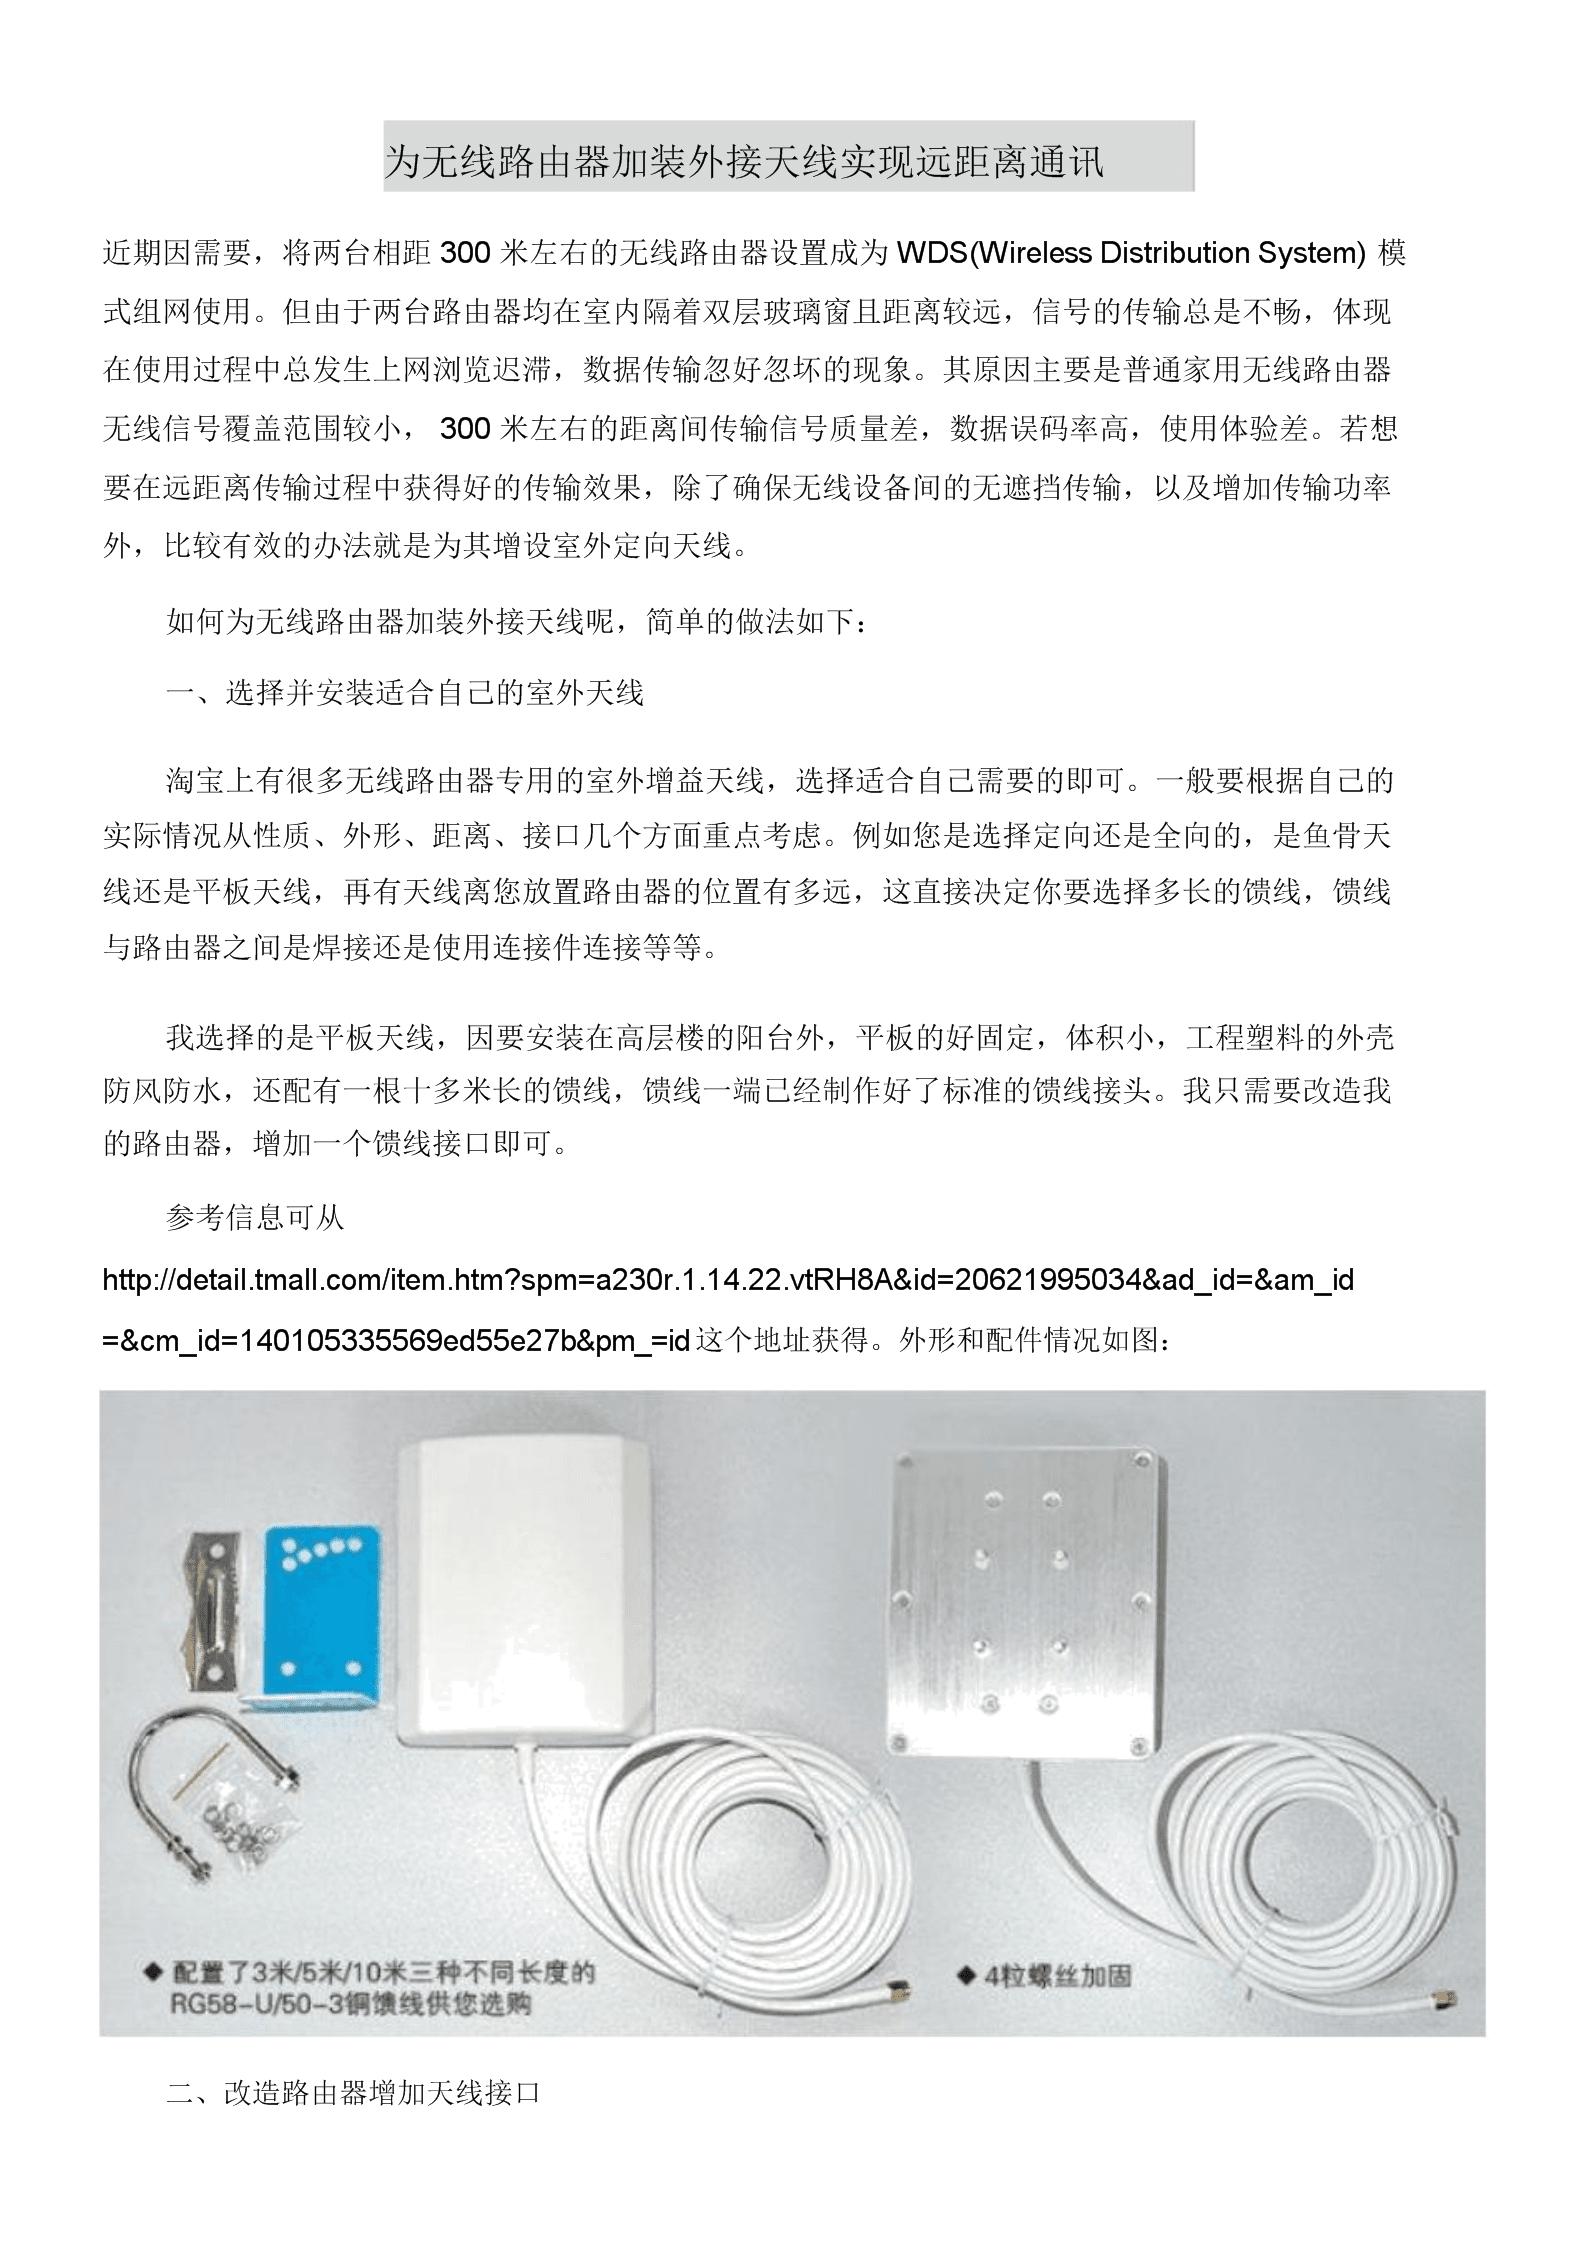 为无线路由器加装外接天线实现远距离通讯汇总--精选.docx